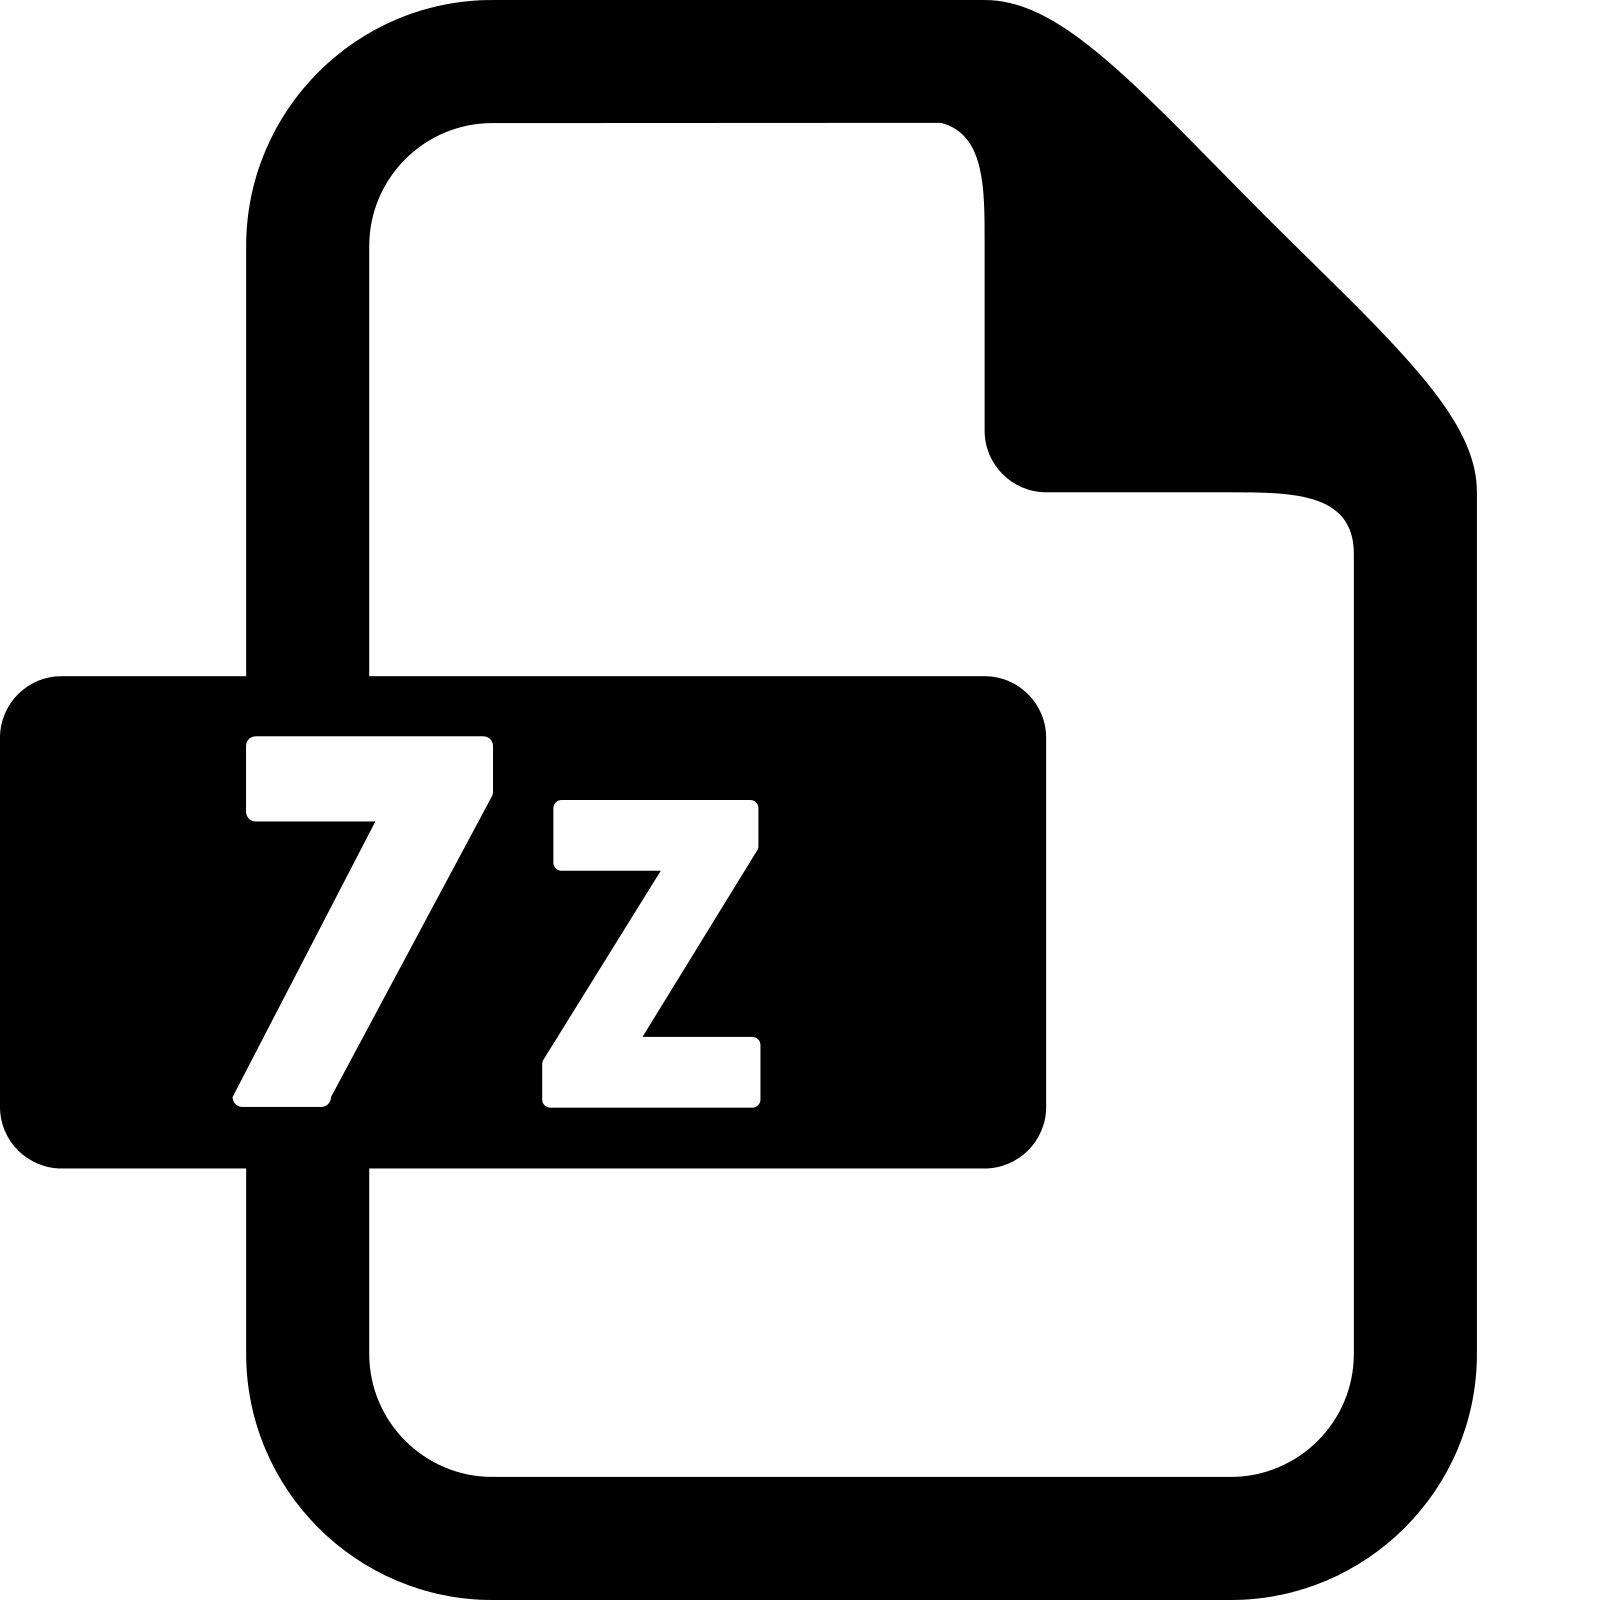 7Zip Icon.